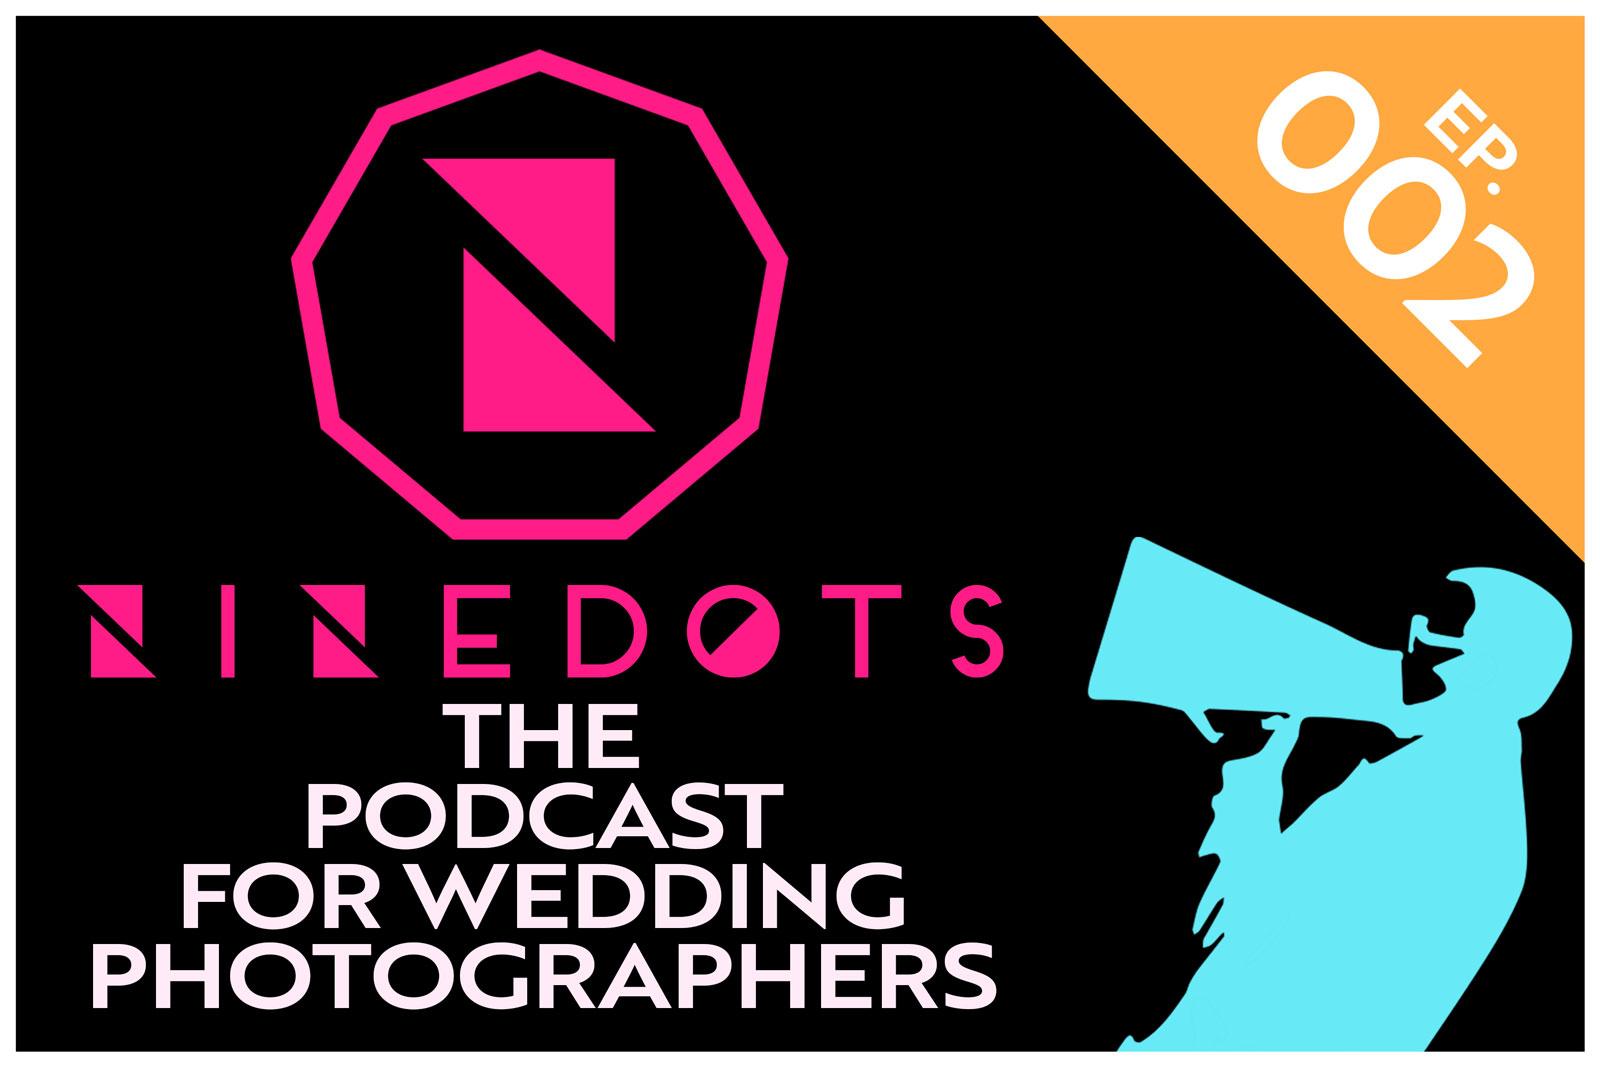 Wedding Photography Podcast - NineDots DotCast Episode 2